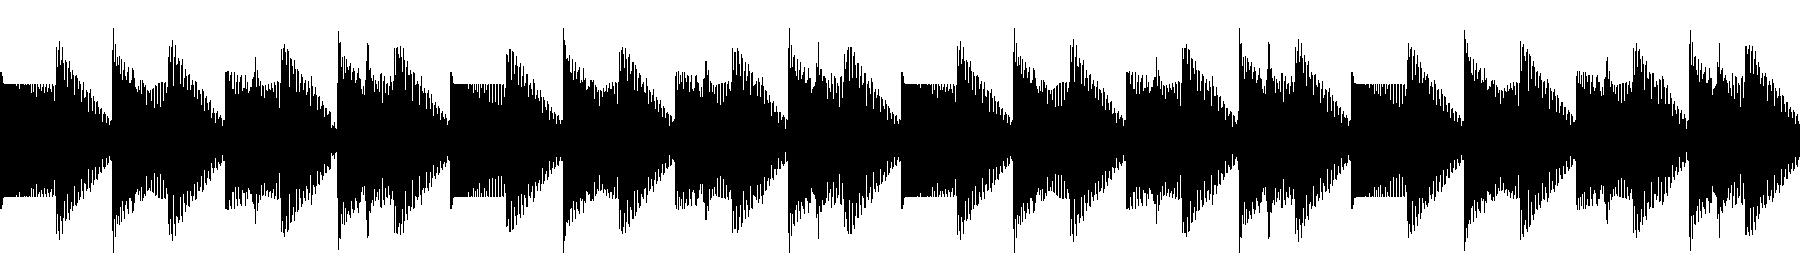 drum 10 123